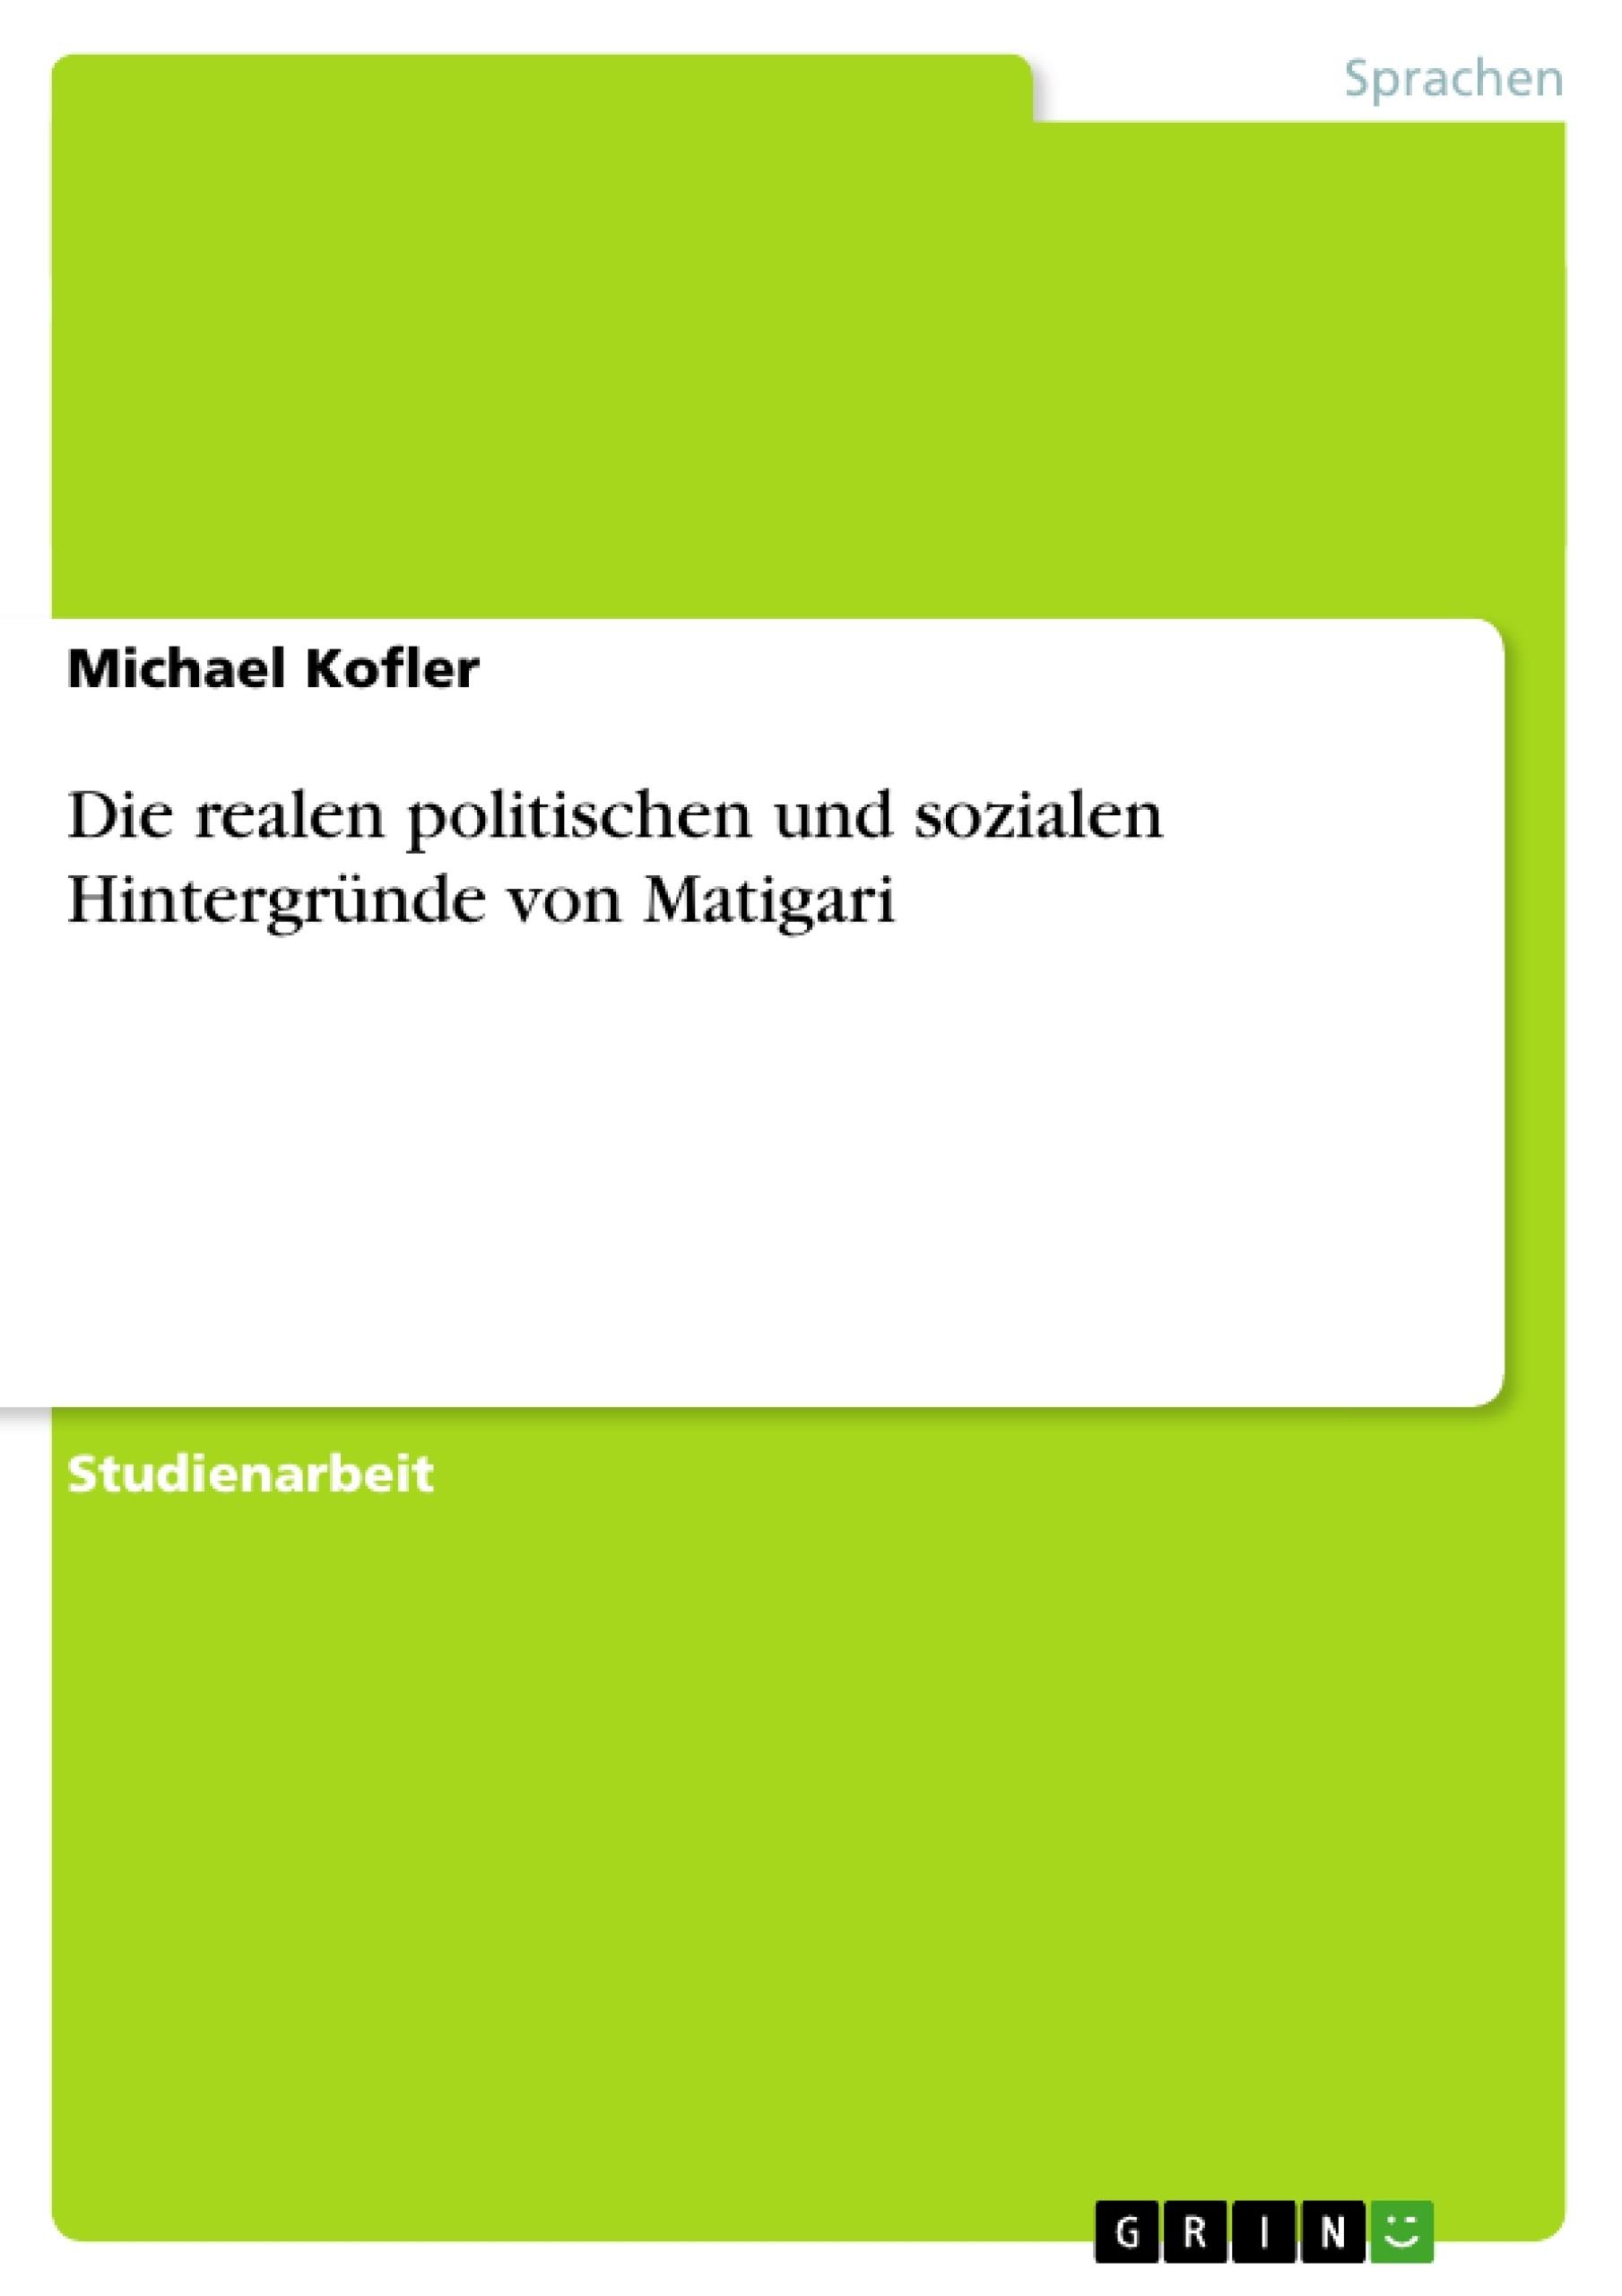 Titel: Die realen politischen und sozialen Hintergründe von Matigari